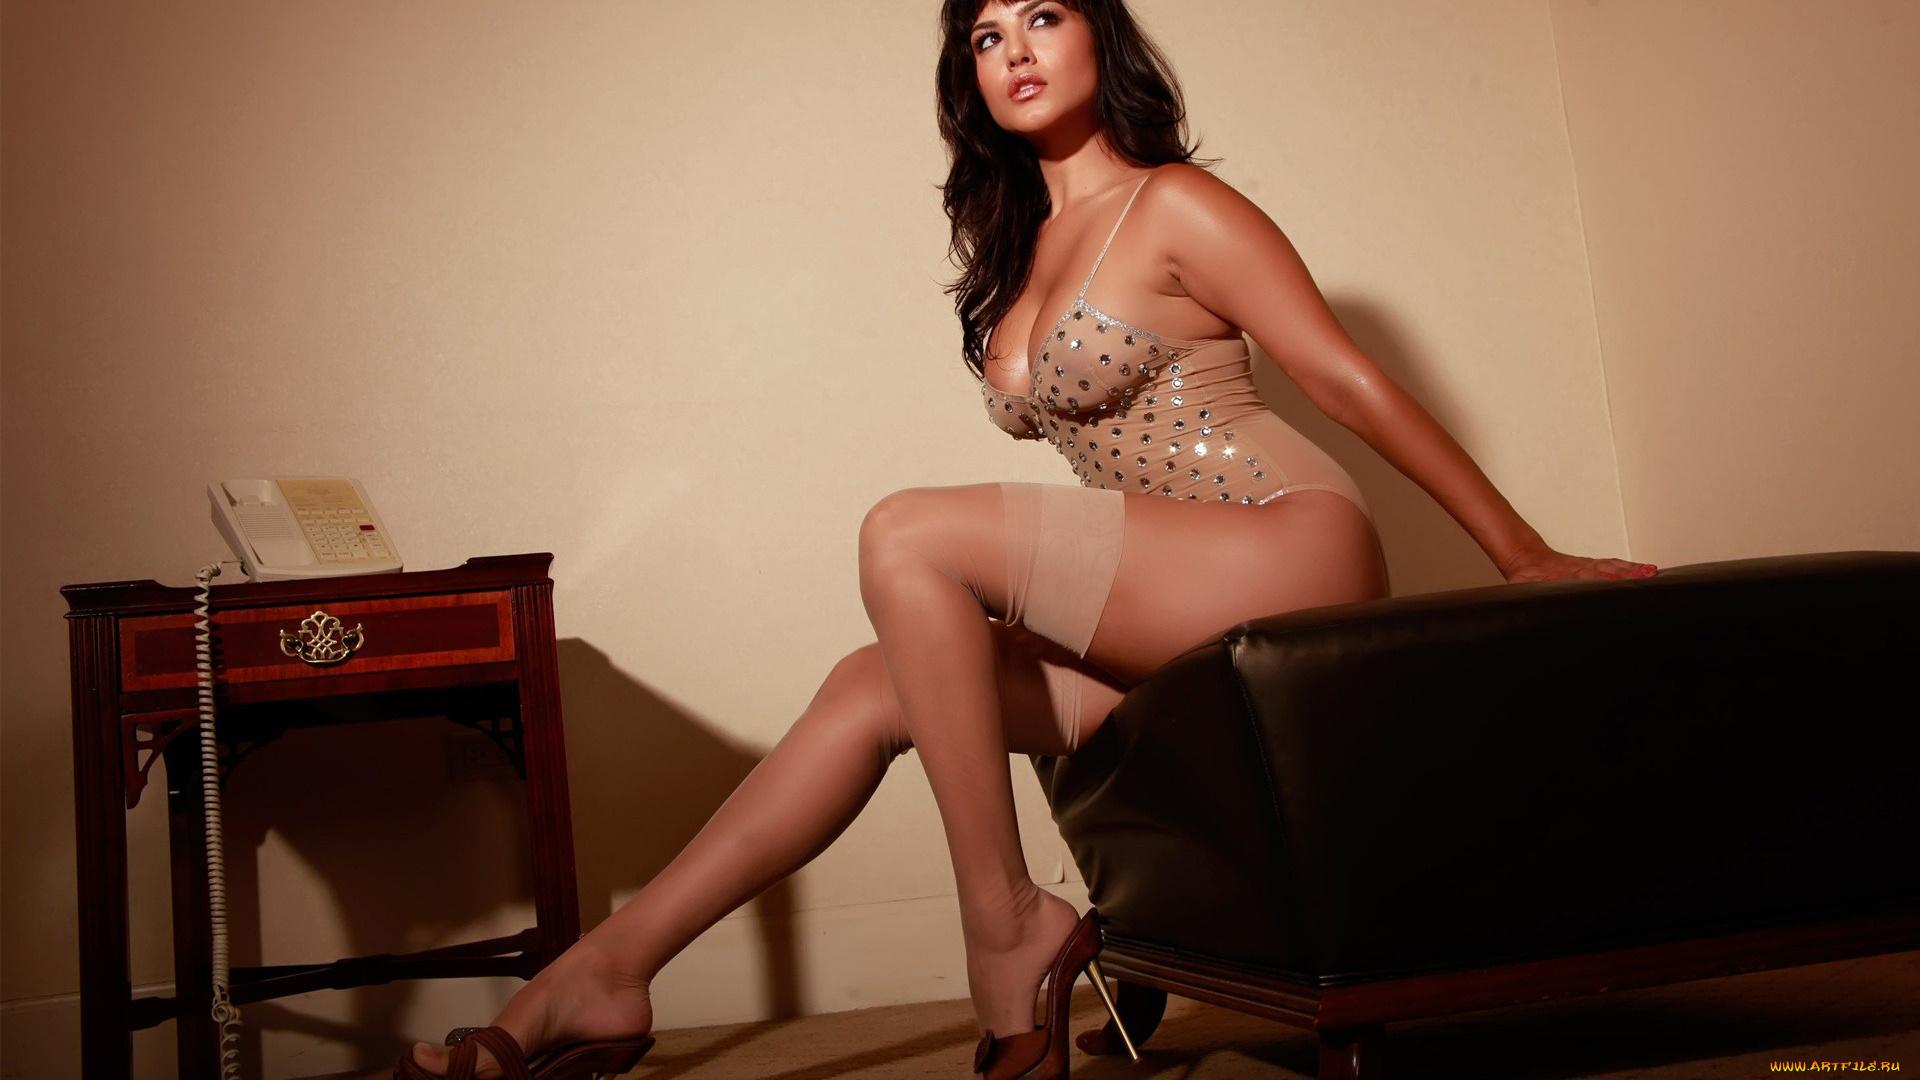 Секс красивые дамы в возрасте, Русское порно зрелых женщин. Секс видео с мамками 20 фотография